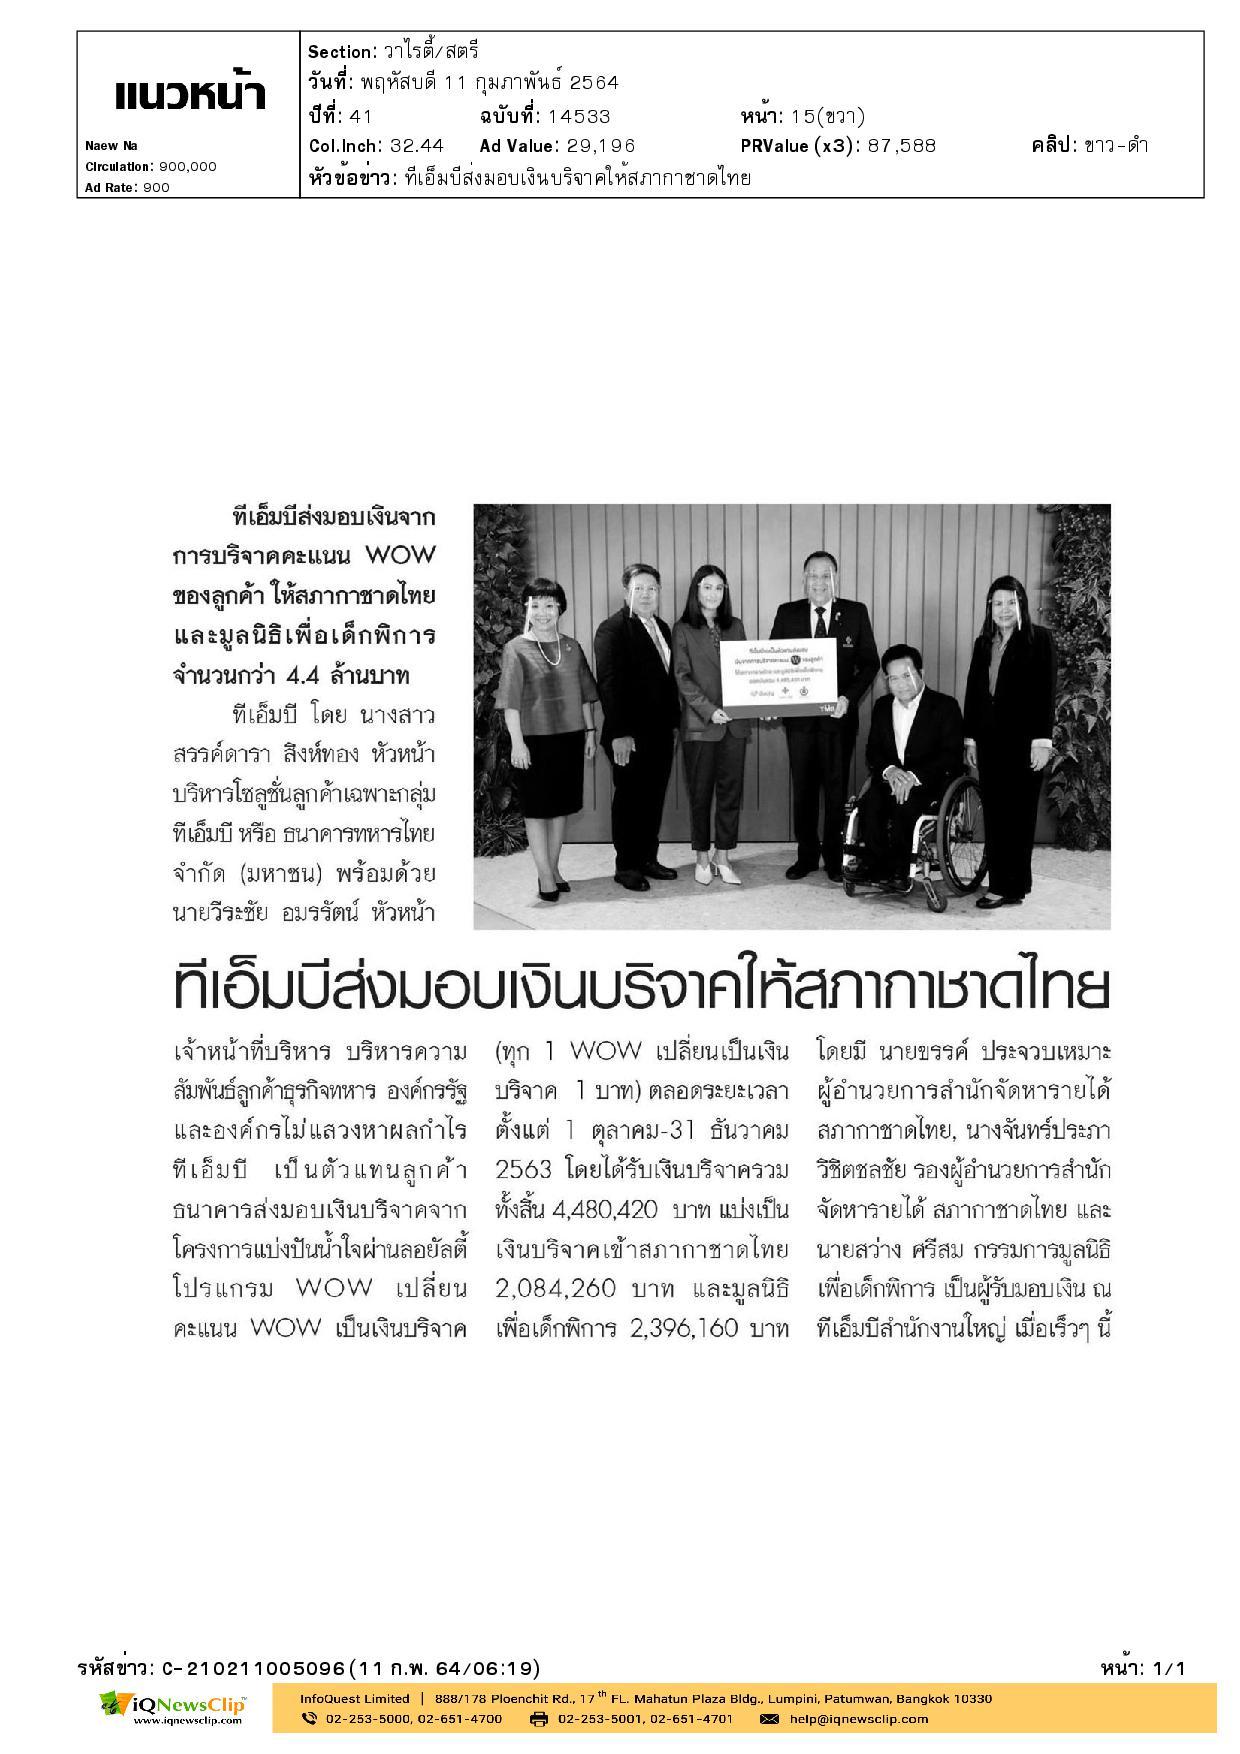 บริจาคให้แก่สภากาชาดไทย